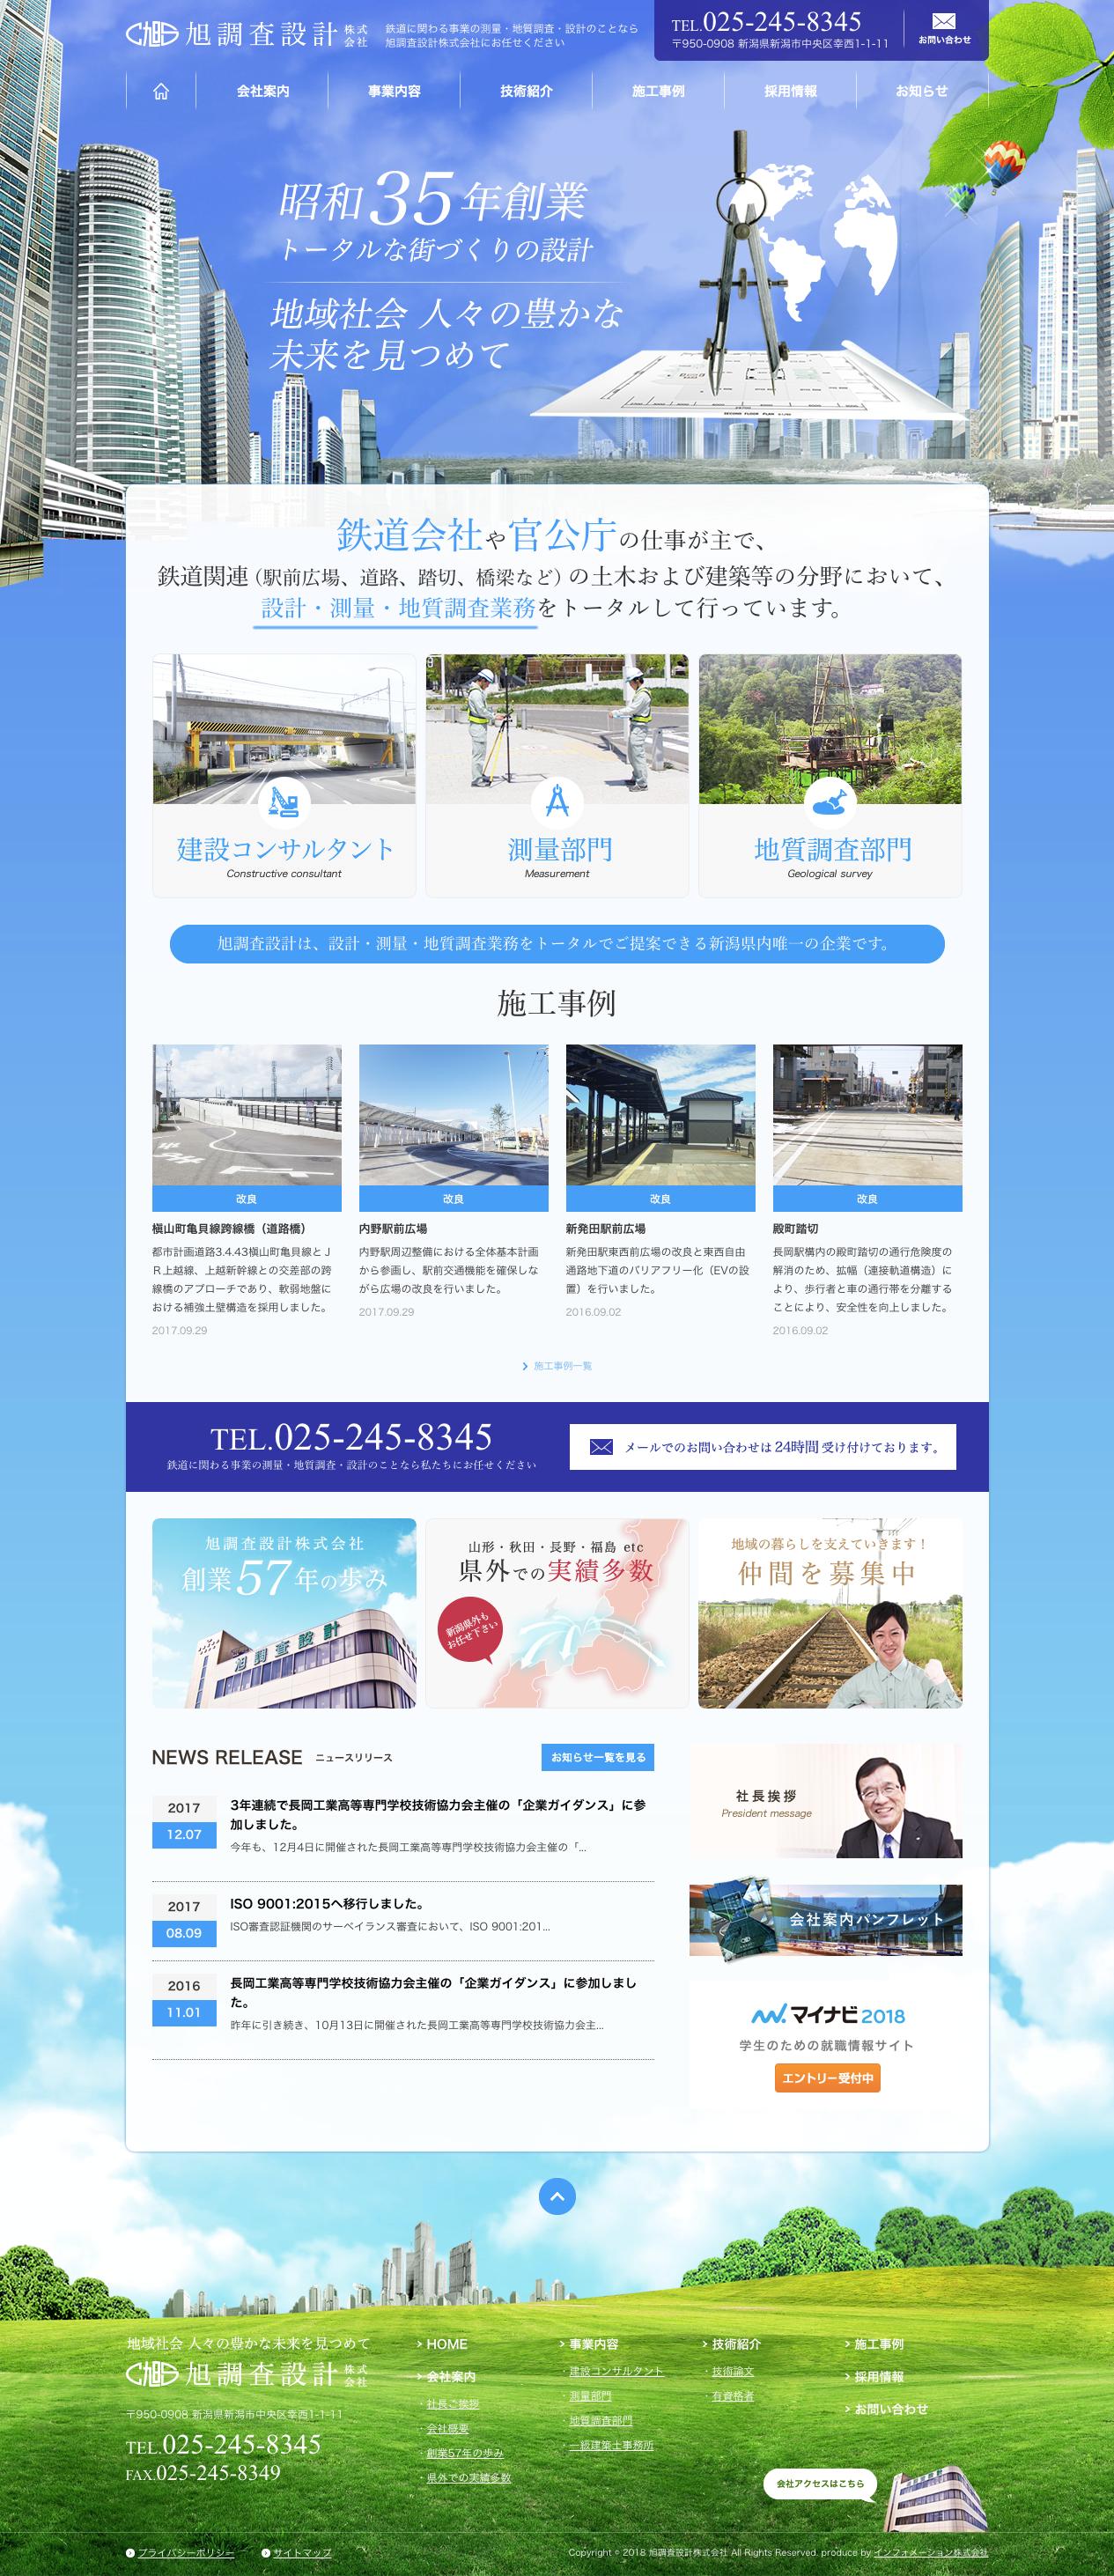 ホームページ制作実績:旭調査設計株式会社 様